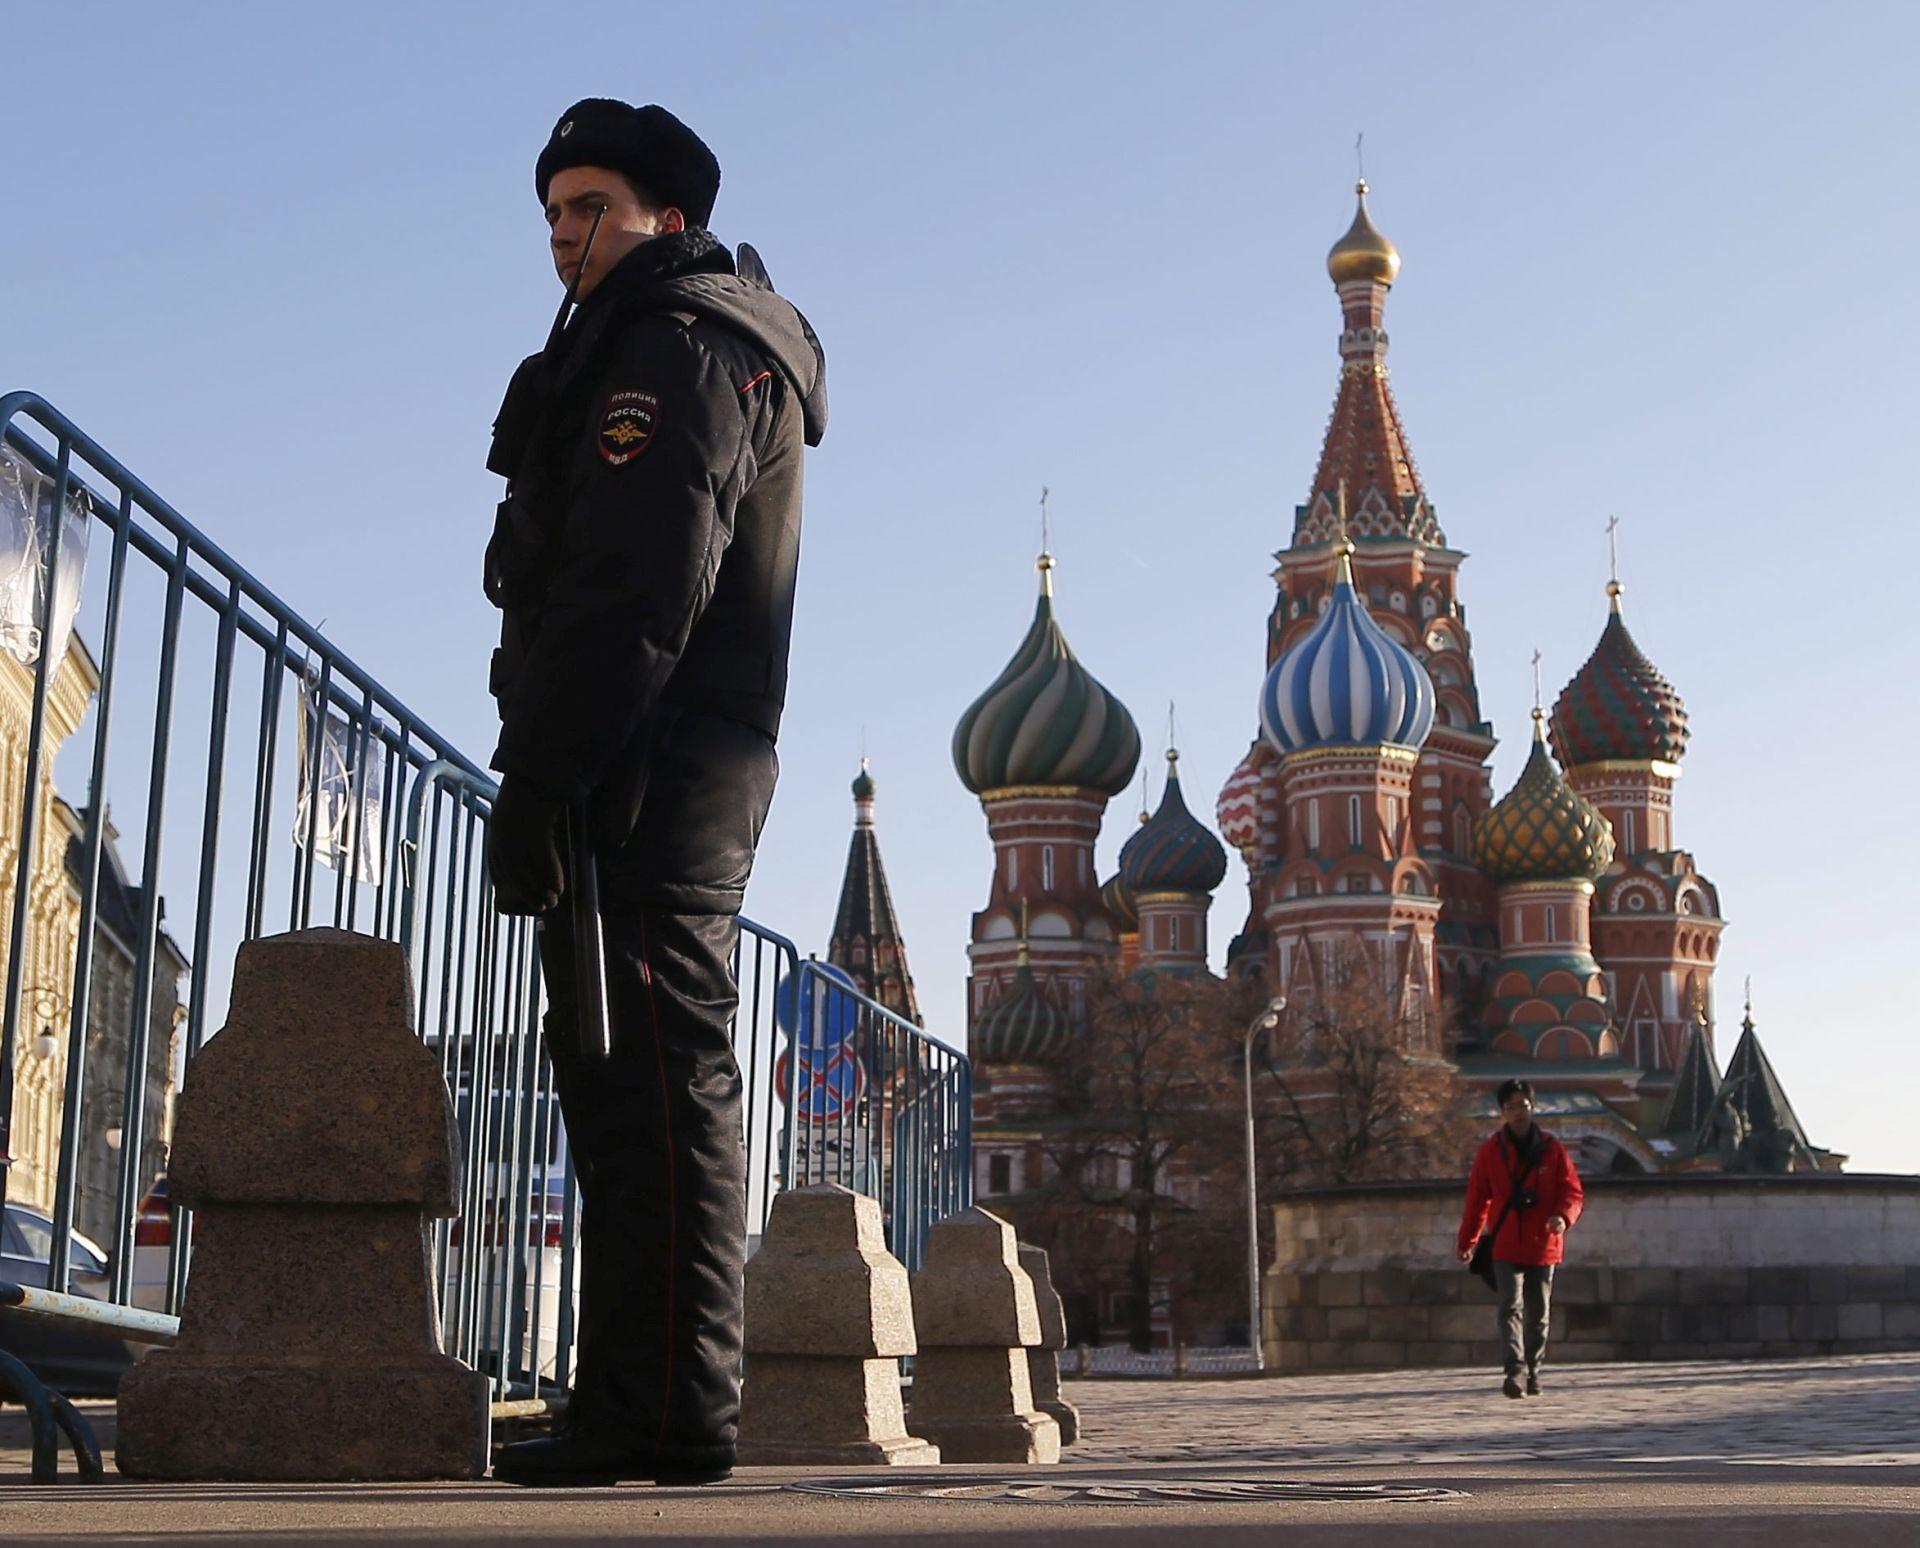 IZLOŽEN NEPOZNATOJ TVARI Bivši ruski špijun u kritičnom stanju